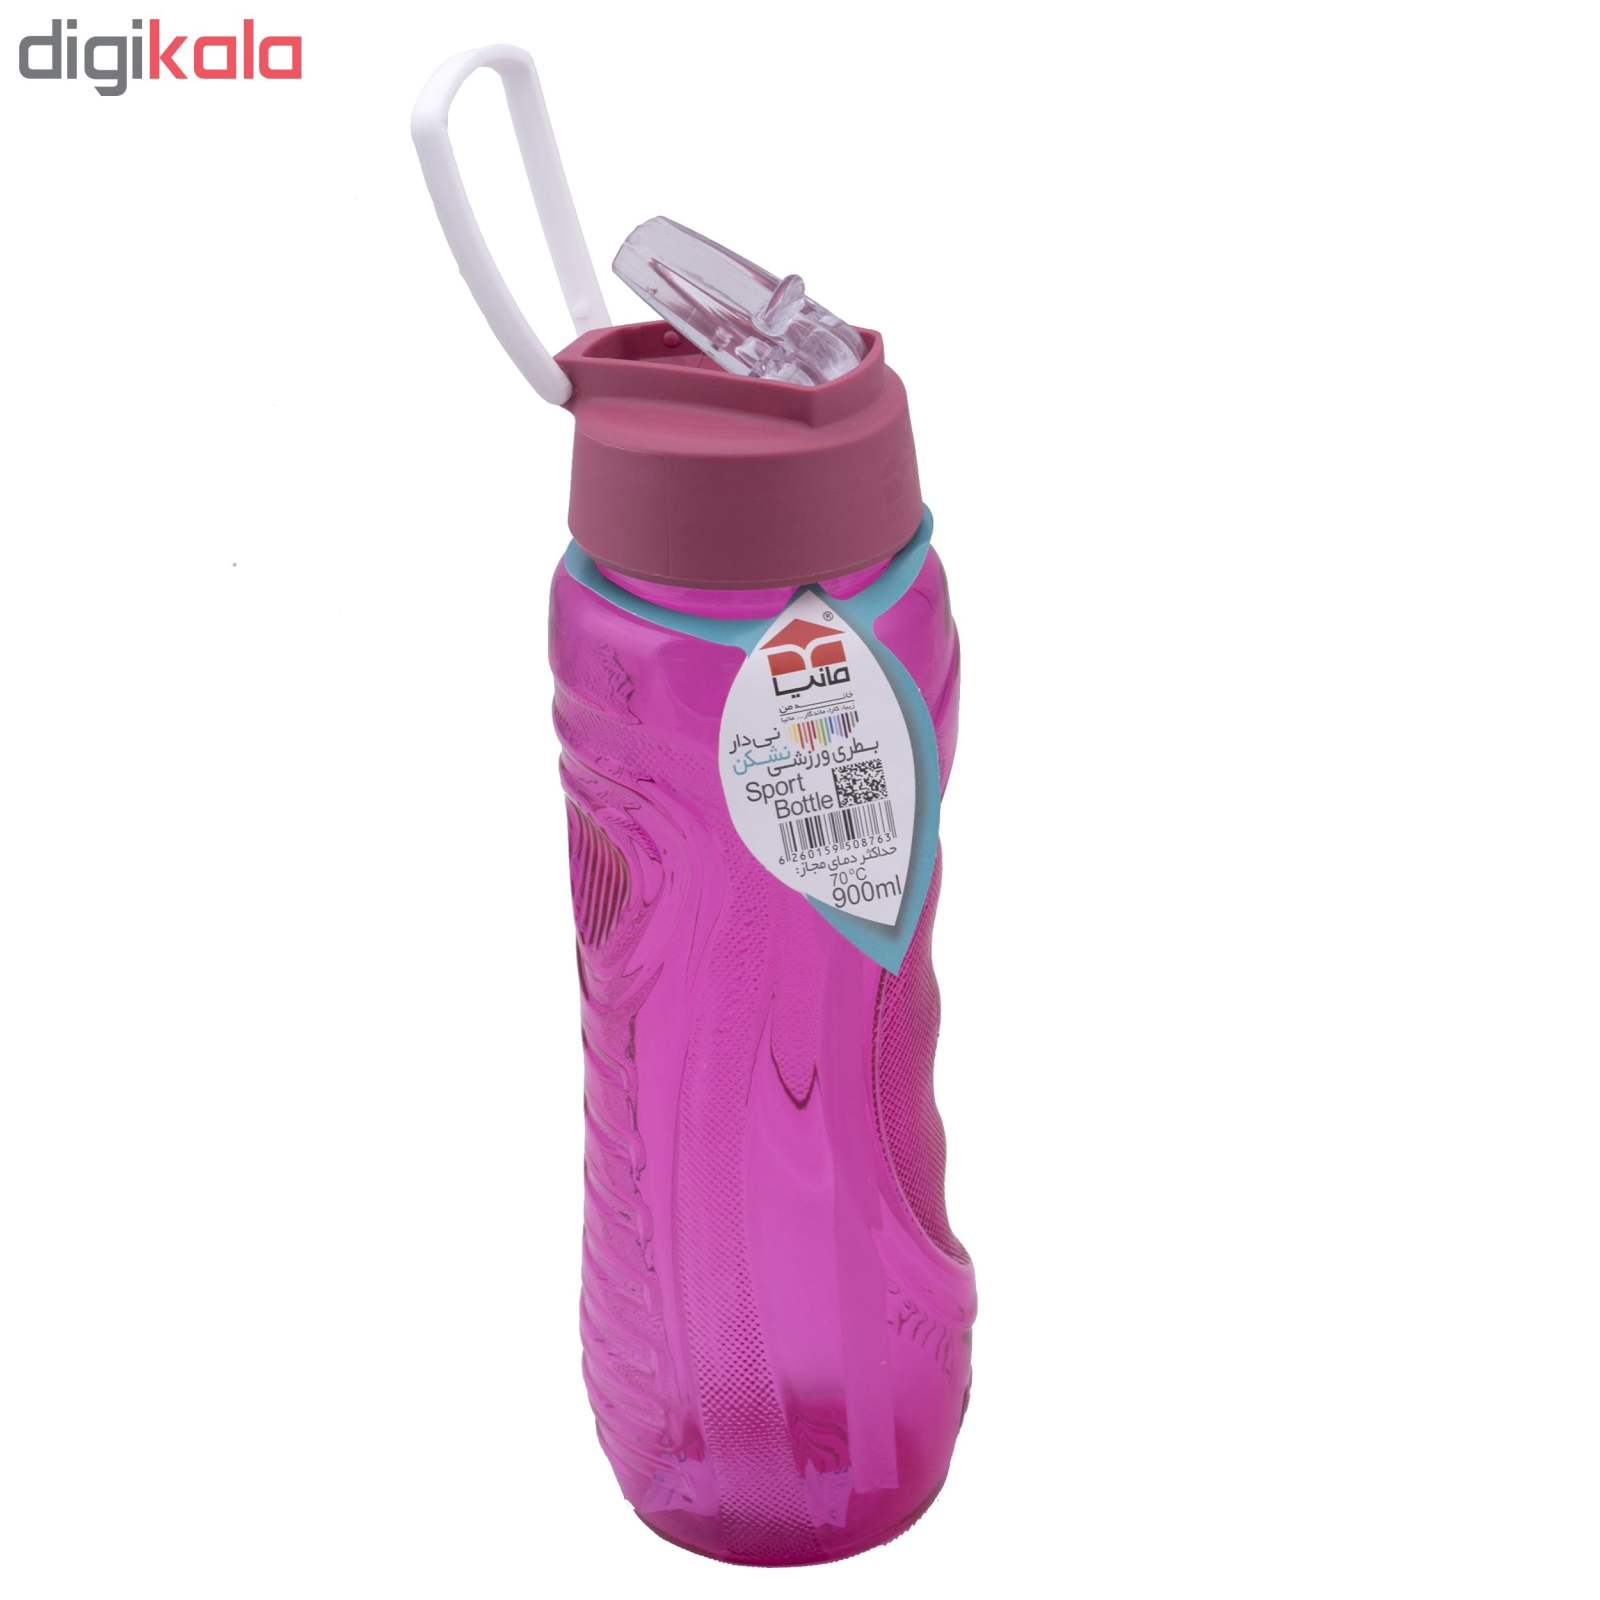 بطری ورزشی نشکن مانیا نی دار بزرگ مدل Mp103111 گنجایش  0.9 لیتر main 1 3